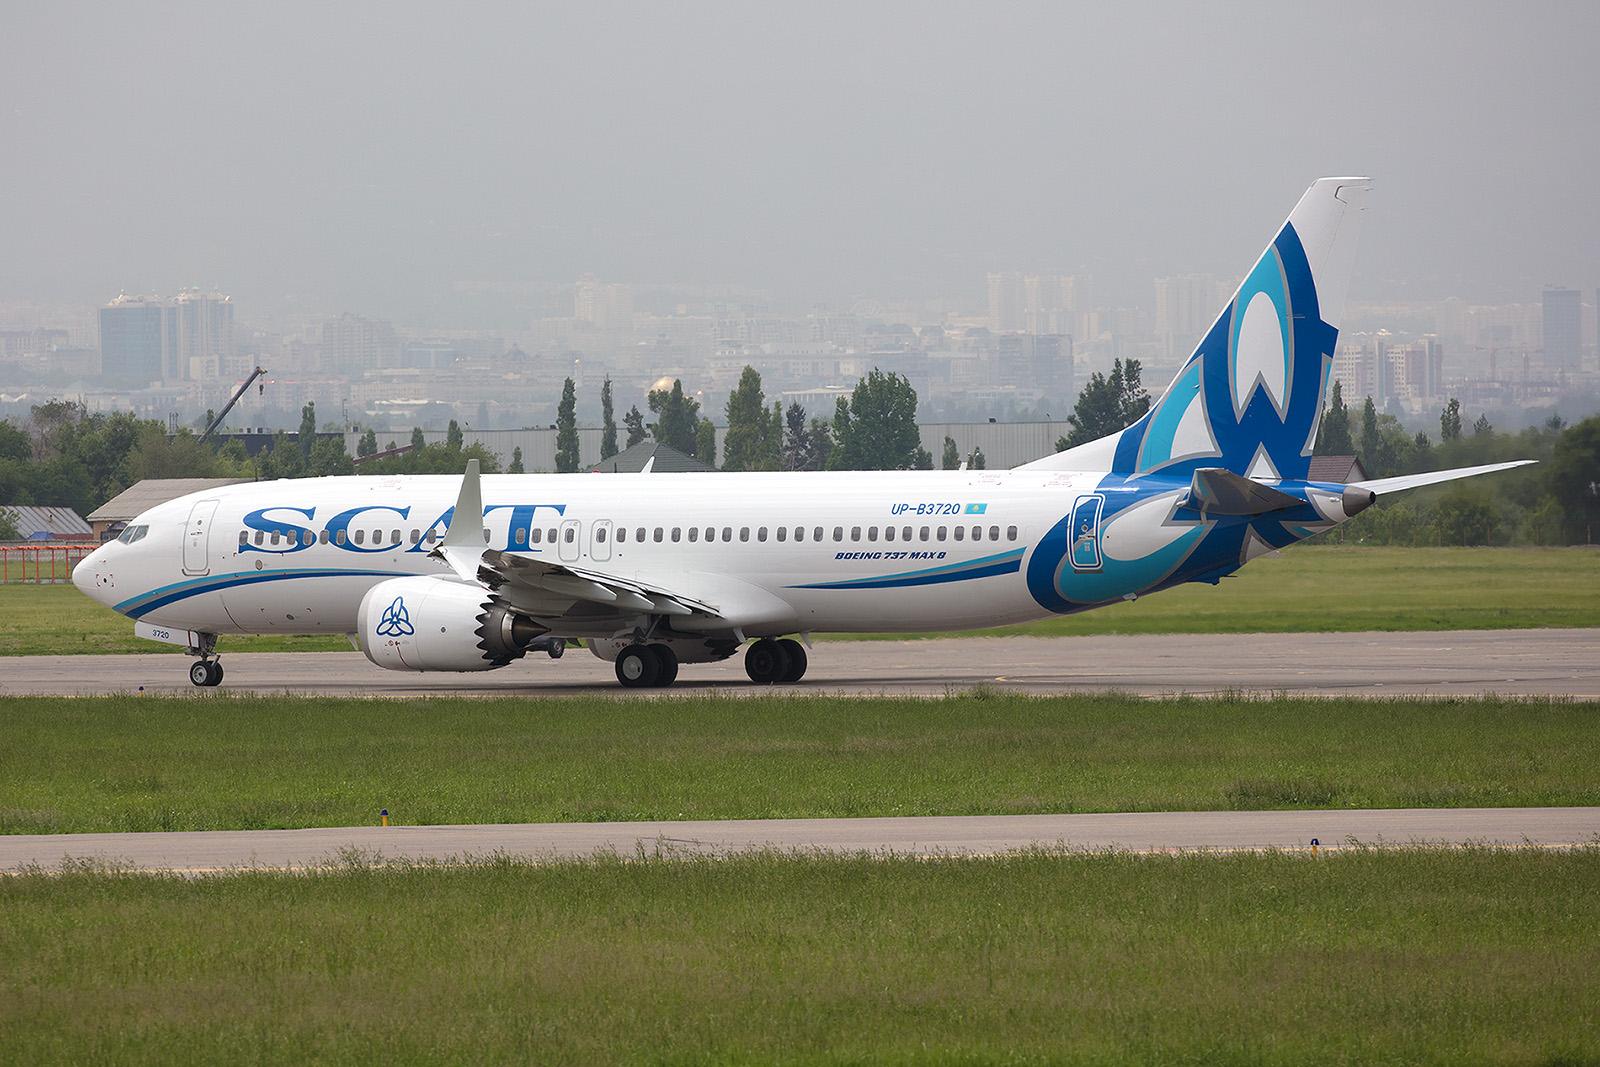 Boeing 7327 MAX 8 der Scat Air auf dem Weg zur Bahn, im Hintergrund die City.